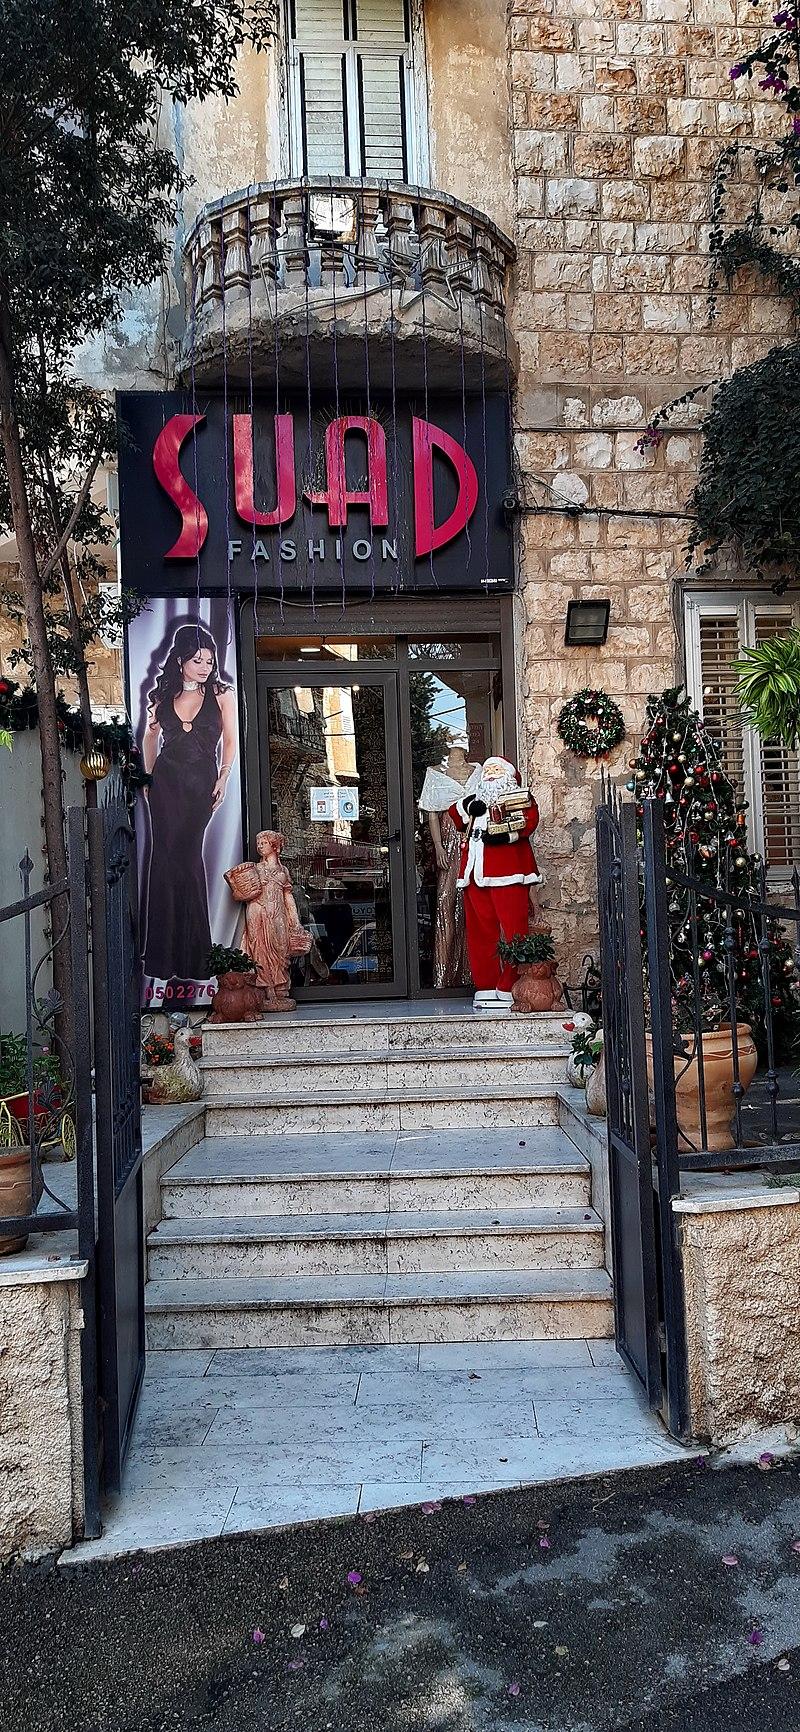 קישוט לחג המולד בחיפה